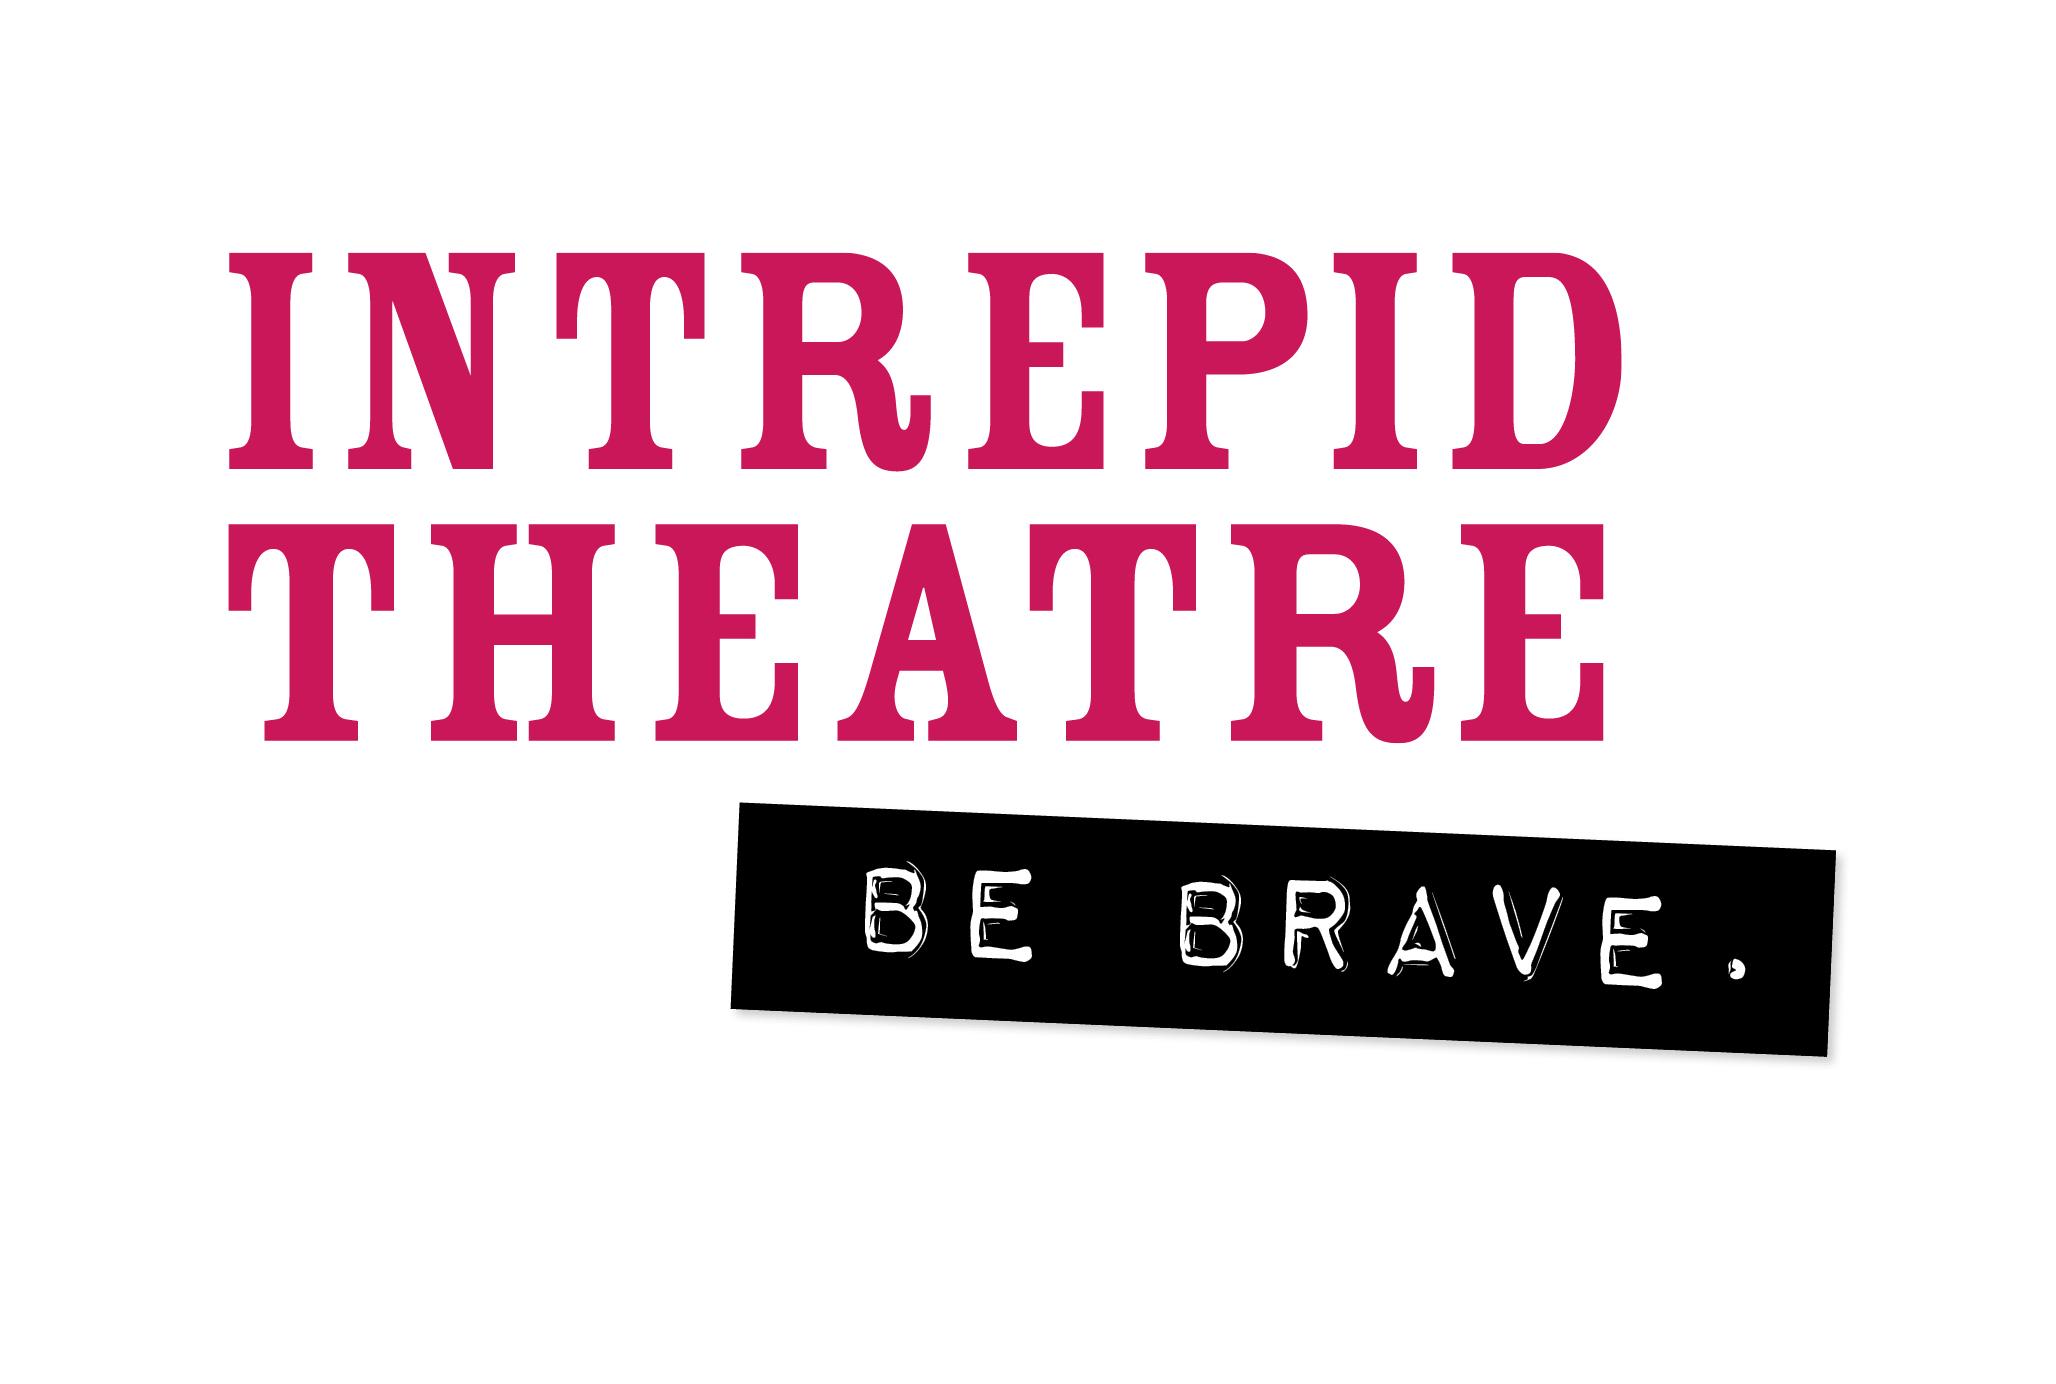 Intrepid Theatre logo